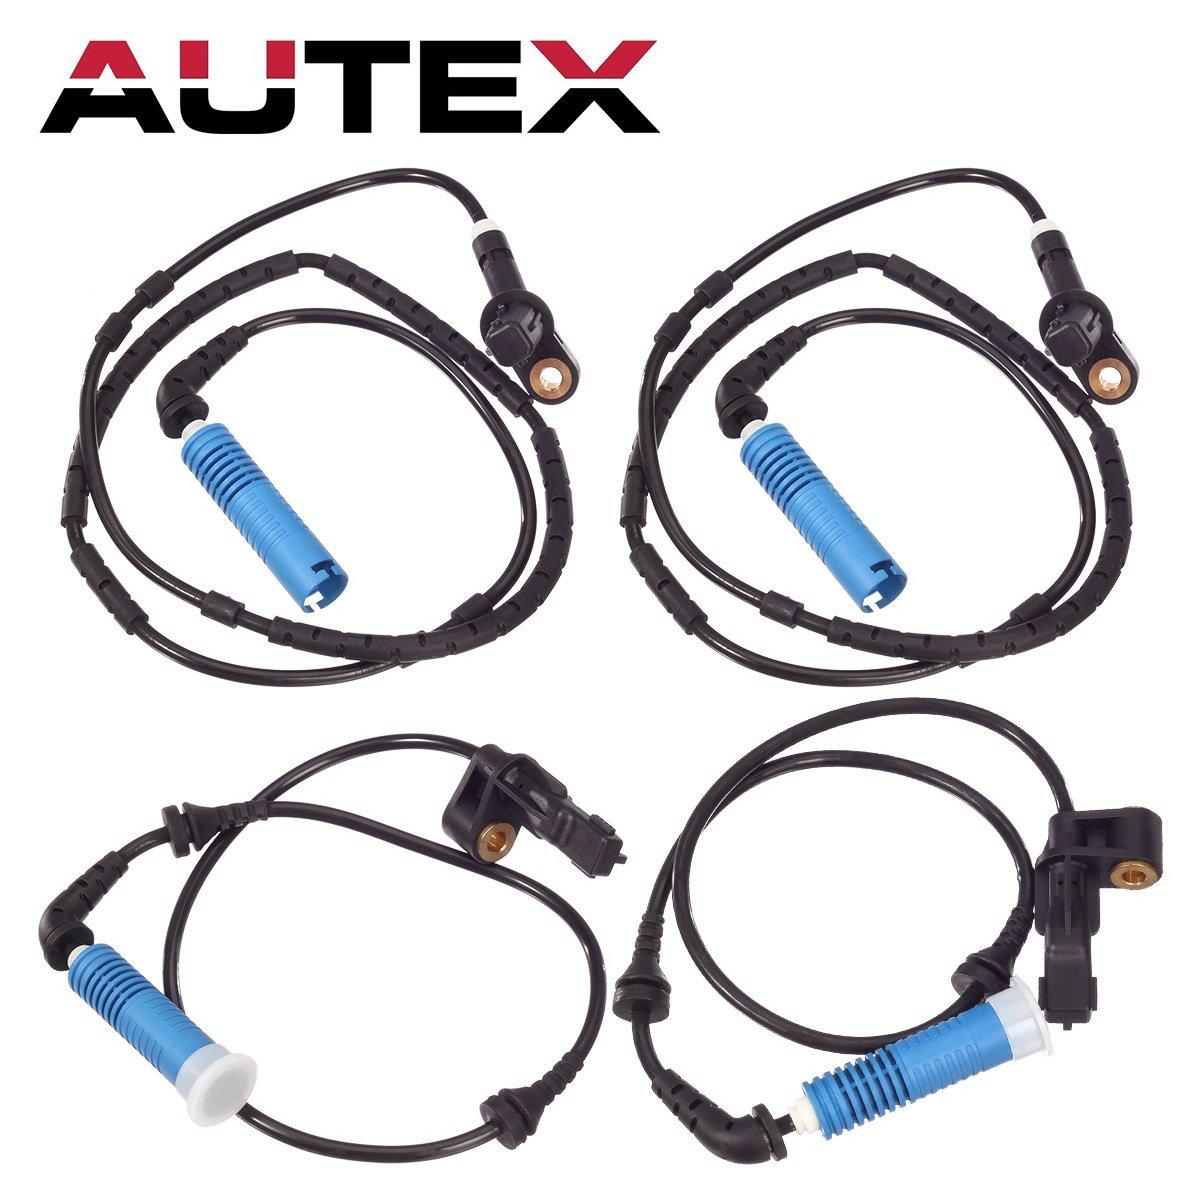 ABS AUTEX 4 Pcs ABS Wheel Speed Sensor Front & Rear 34526752681 34526752682 34526752683 ALS436 ALS438 compatible with 03-08 BMW Z4 01-06 BMW 325Ci 02-05 BMW 325i 00 BMW 328Ci 01-05 BMW 330i 02-06 BMW M3